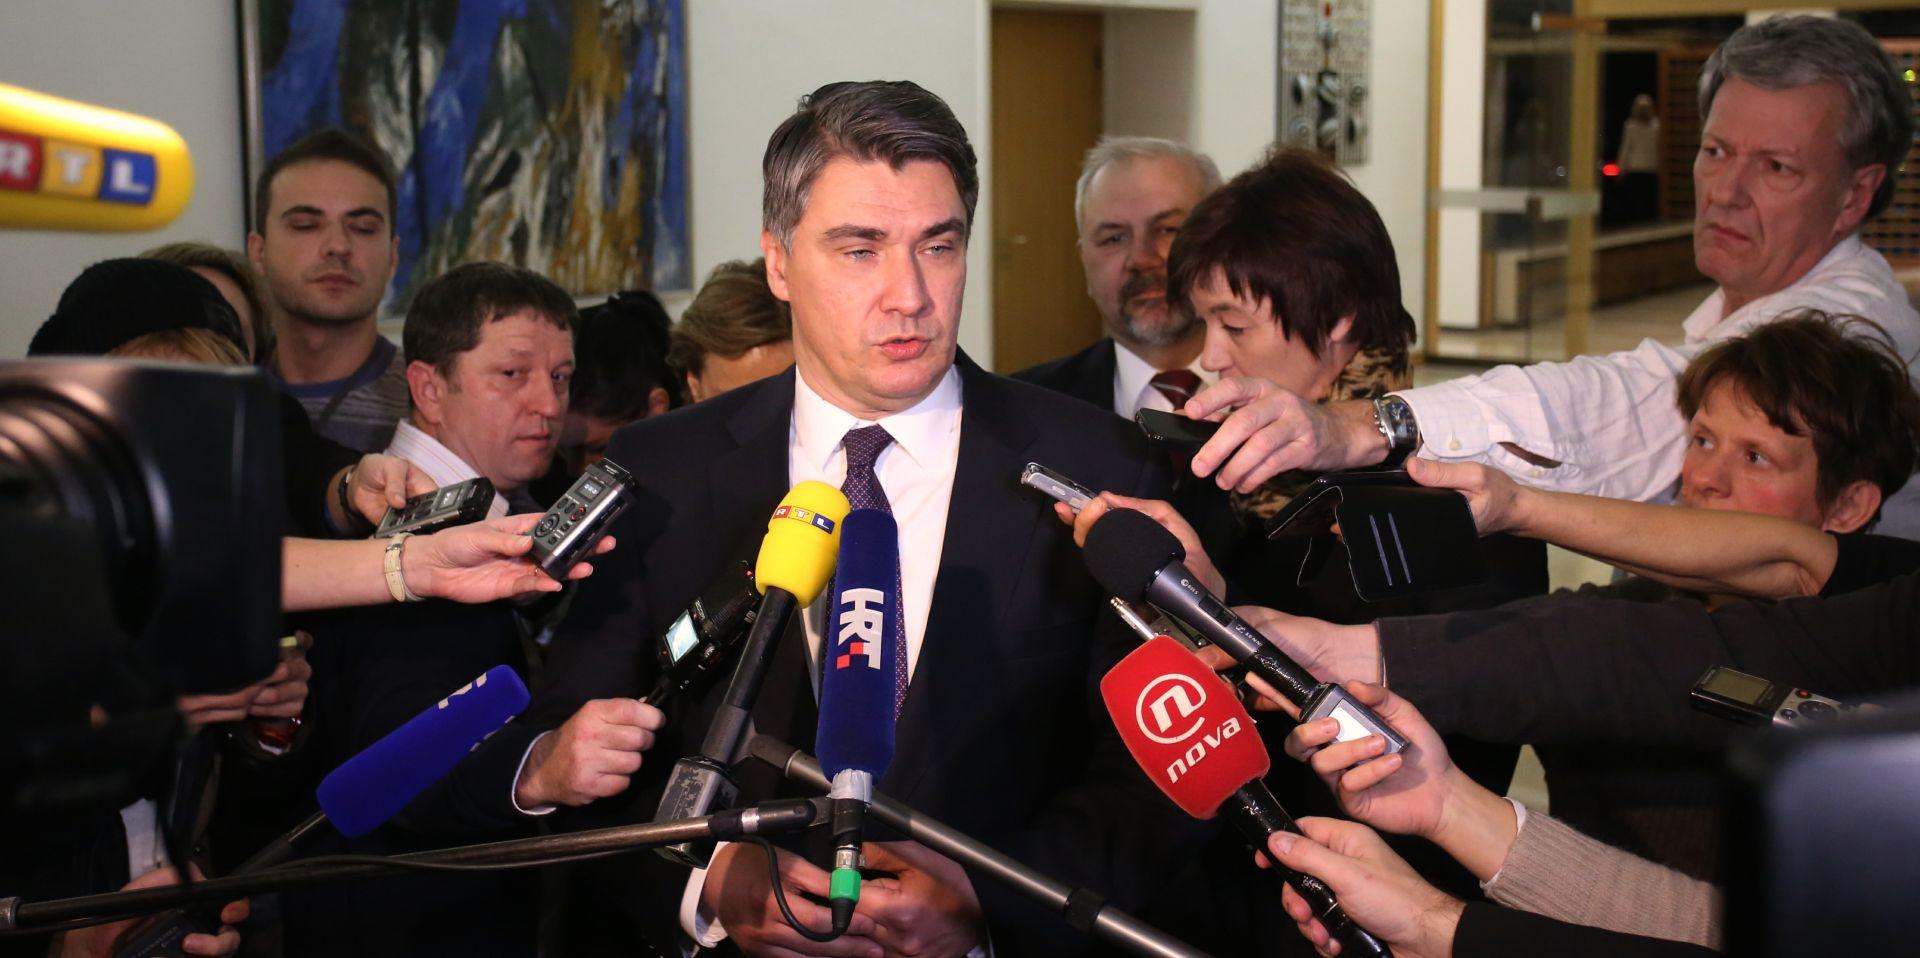 OTVORENO PISMO: Milanović spreman razgovarati o Petrovu kao budućem mandataru